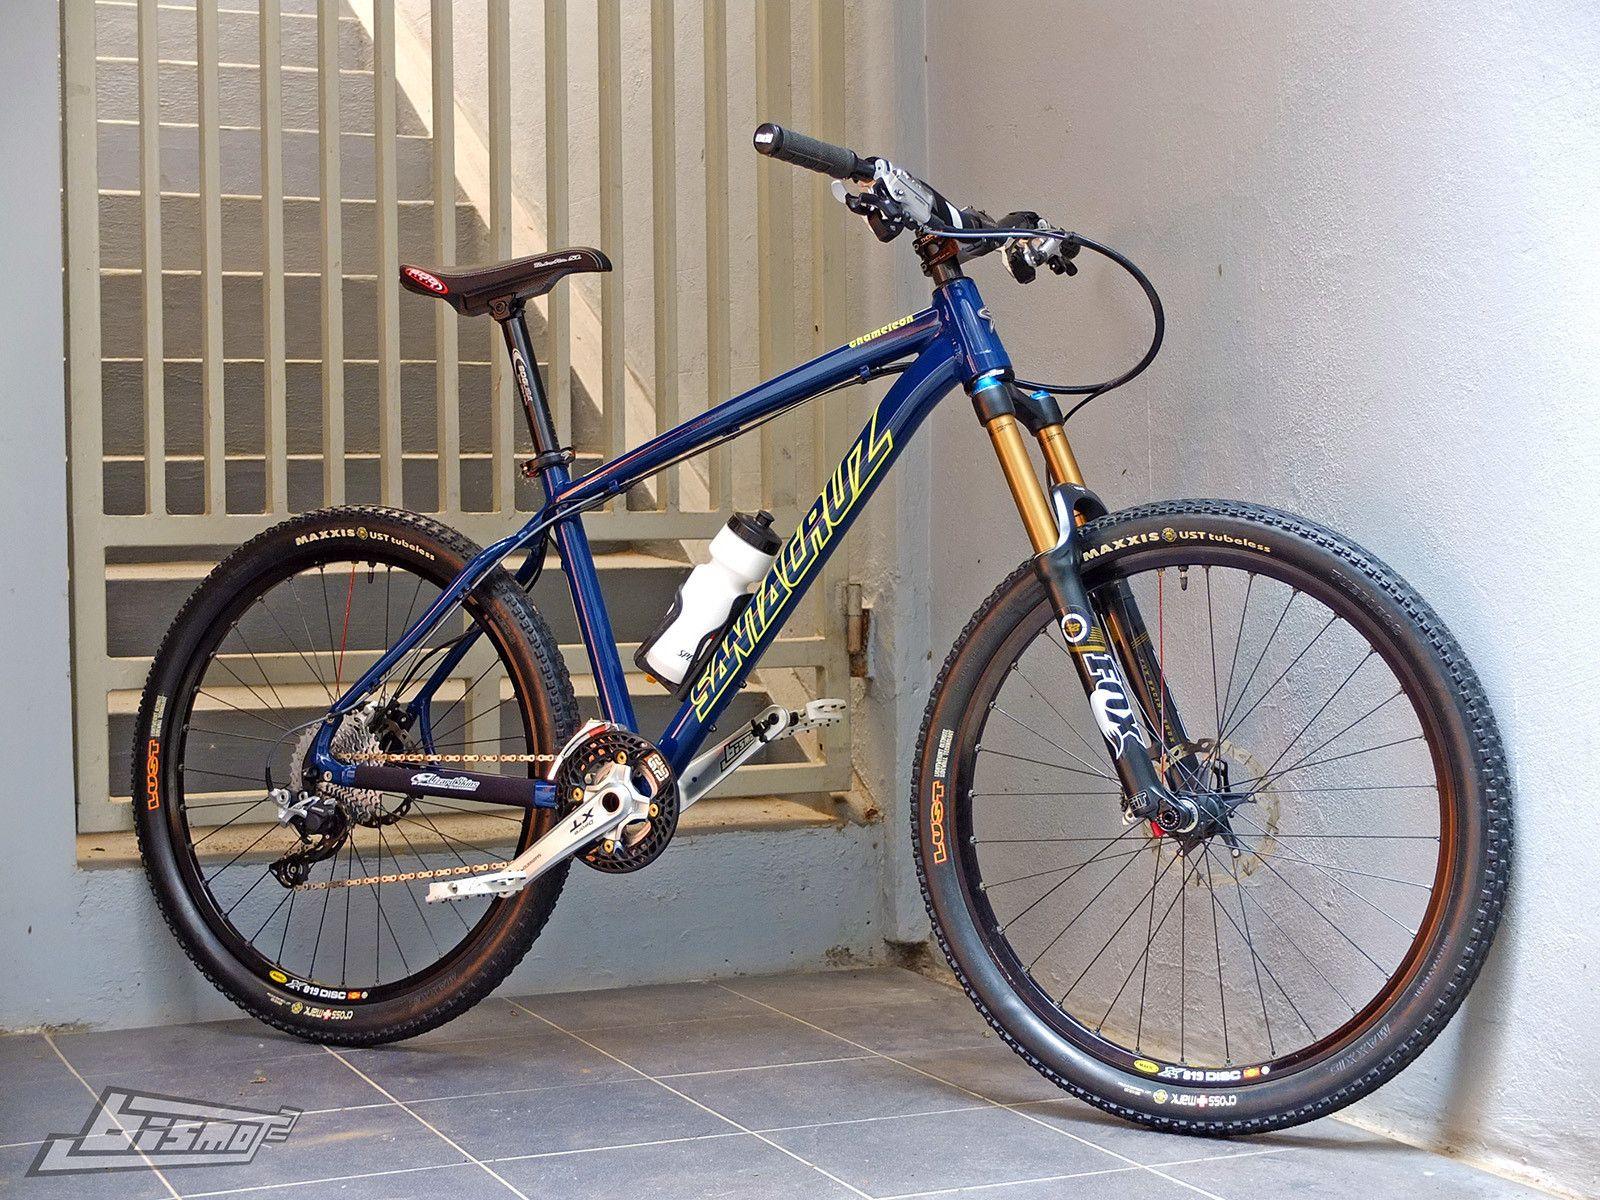 Pin von Alwin Redfordi auf Bicycles | Pinterest